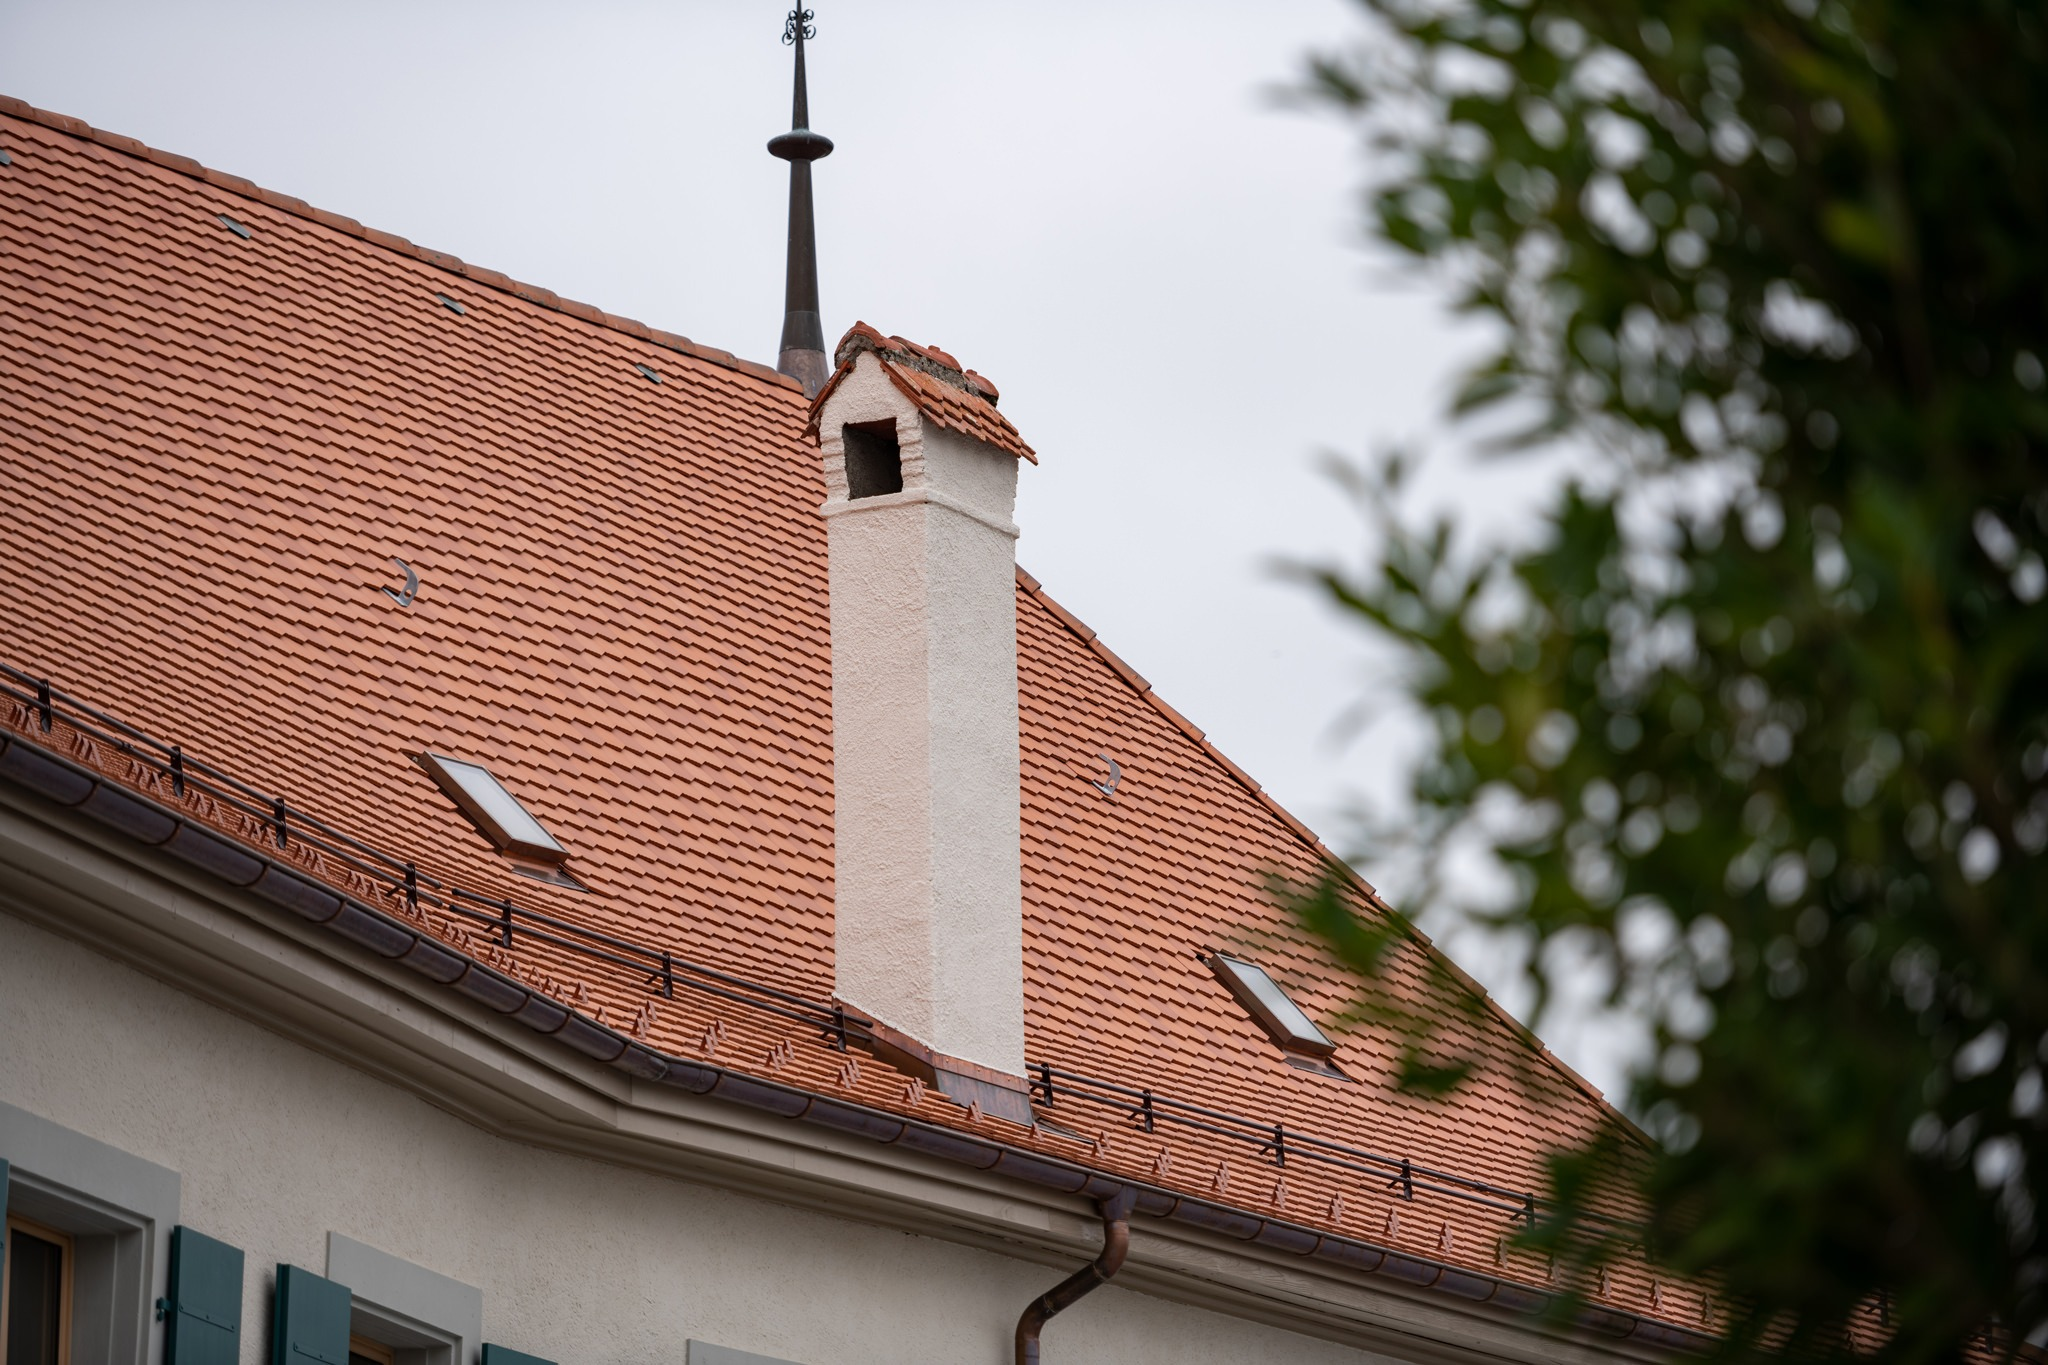 Aussenaufnahme Schloss/Château Echallens, eingedeckt mit Biberschwanzziegeln Antico 16.5/37.5 von Gasser Ceramic.